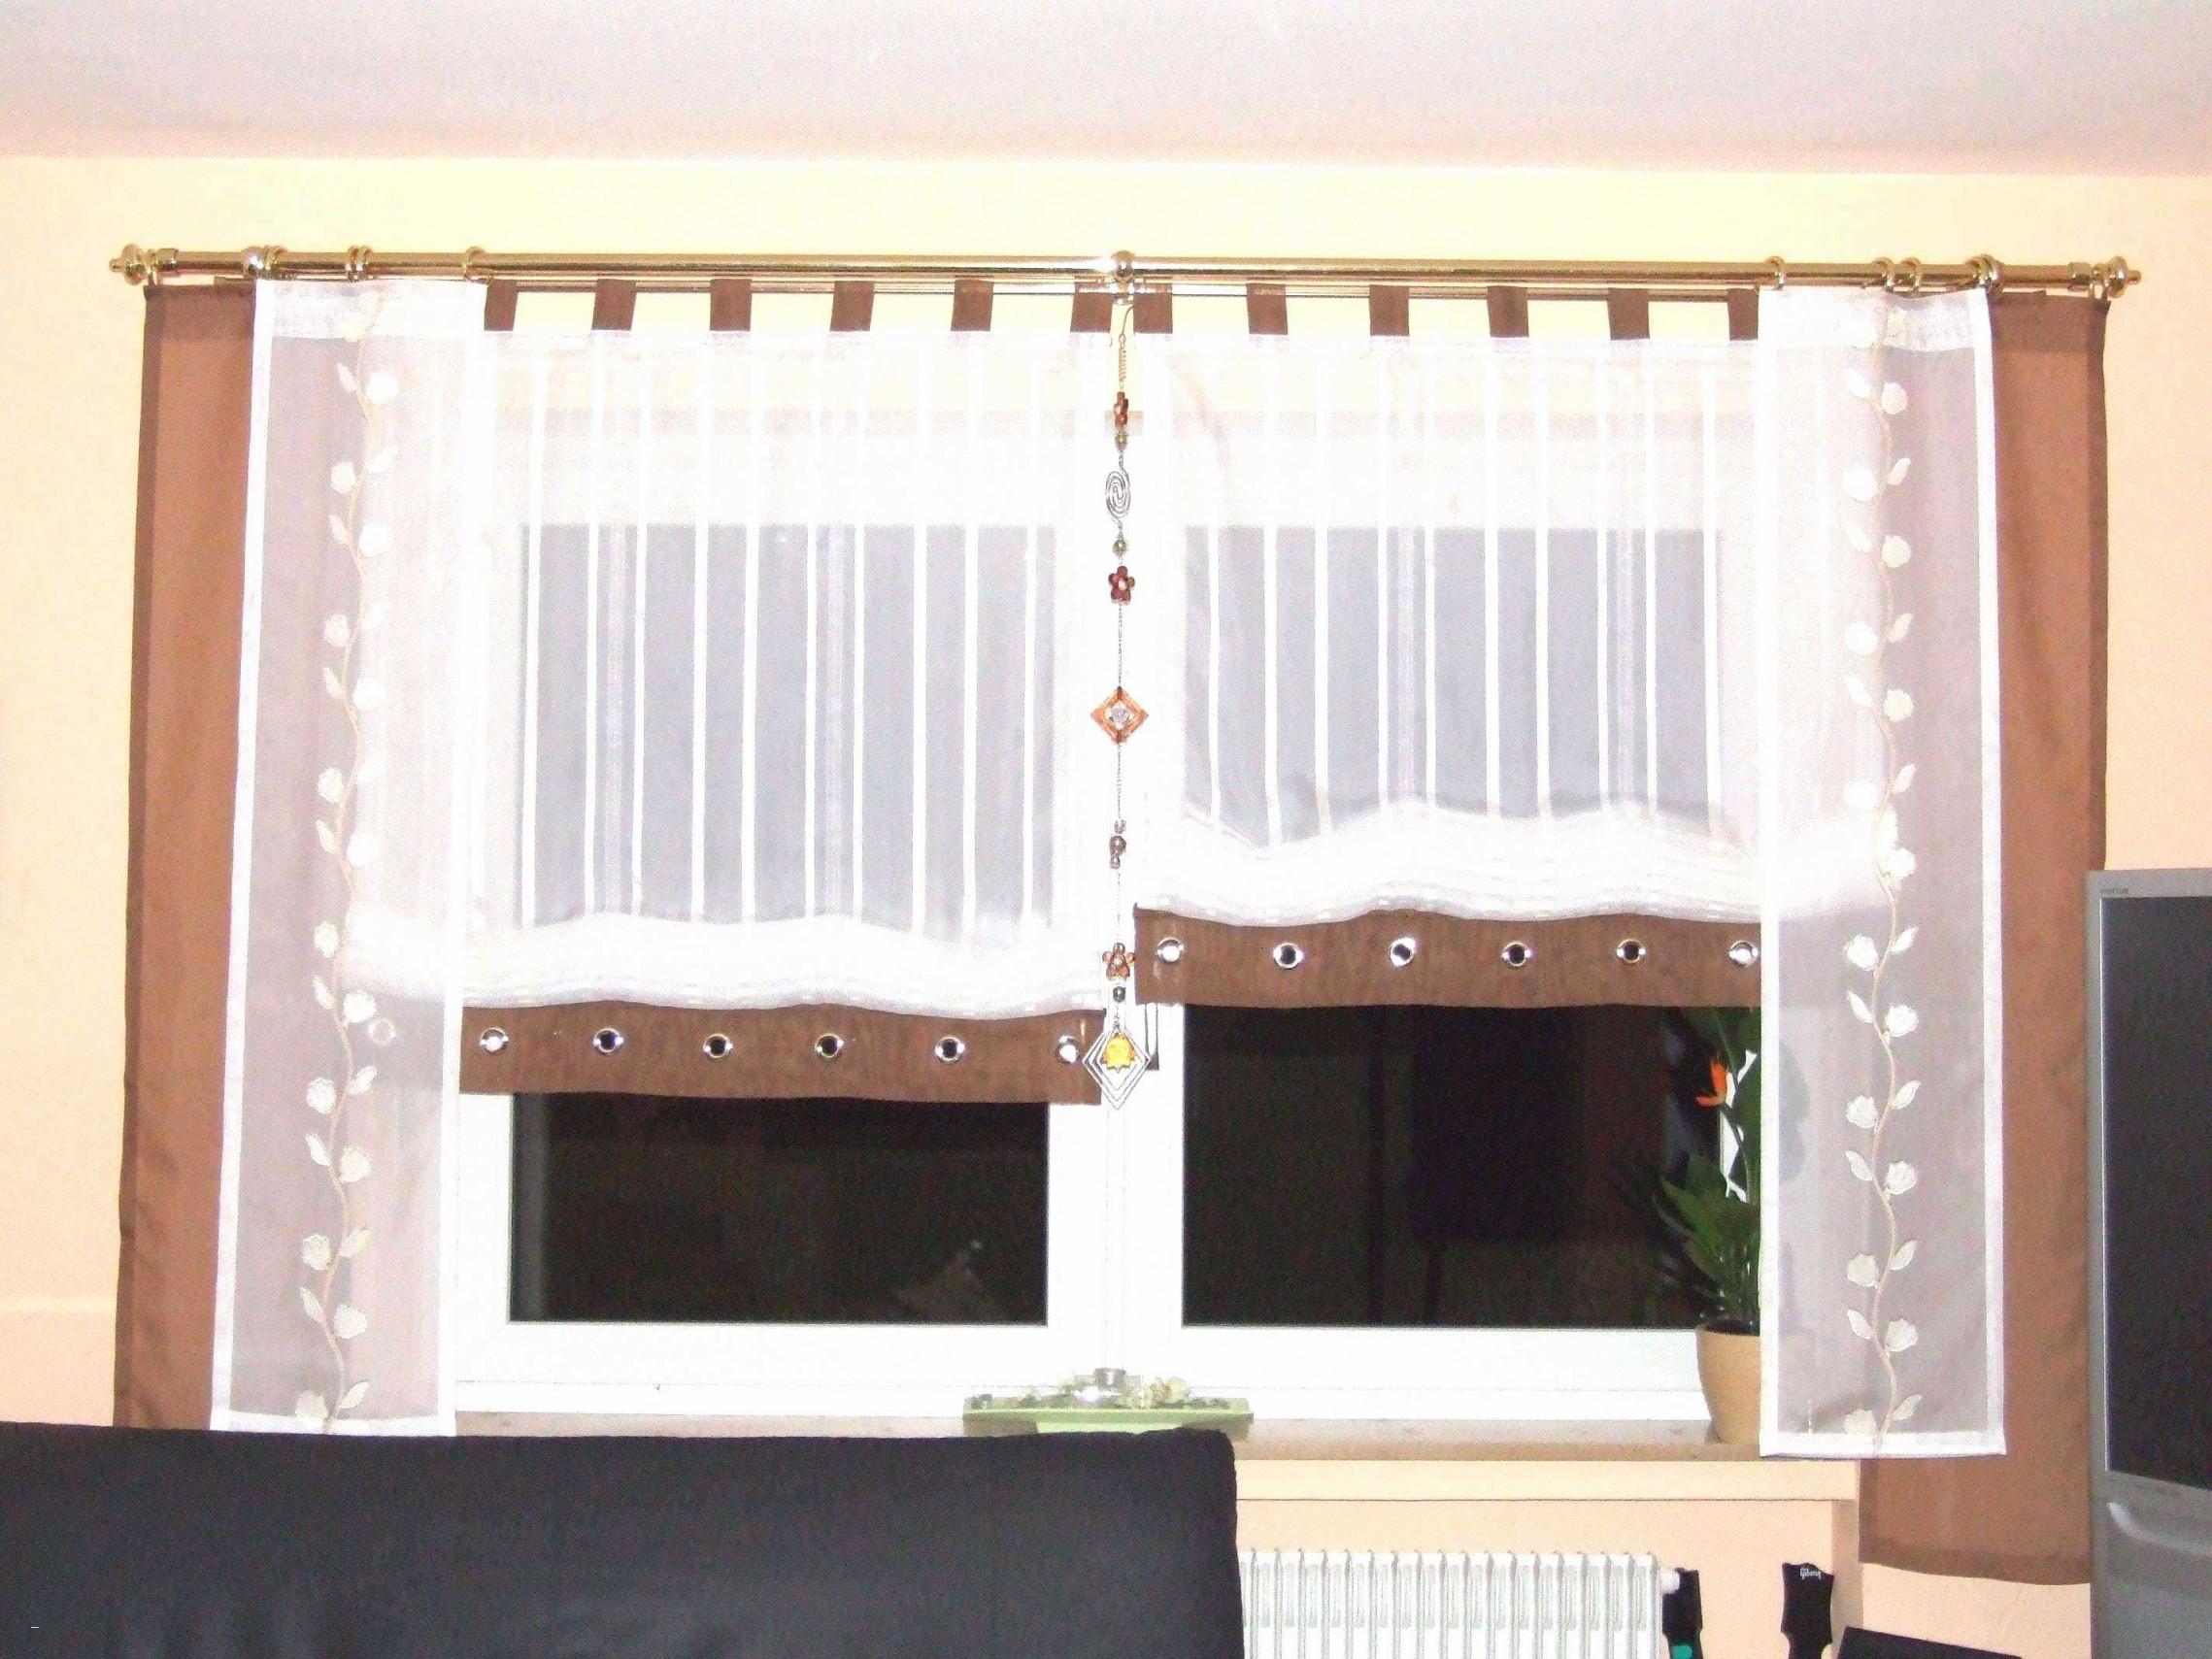 59 Frisch Moderne Wohnzimmer Gardinen Elegant  Tolles von Wohnzimmer Gardinen Elegant Bild